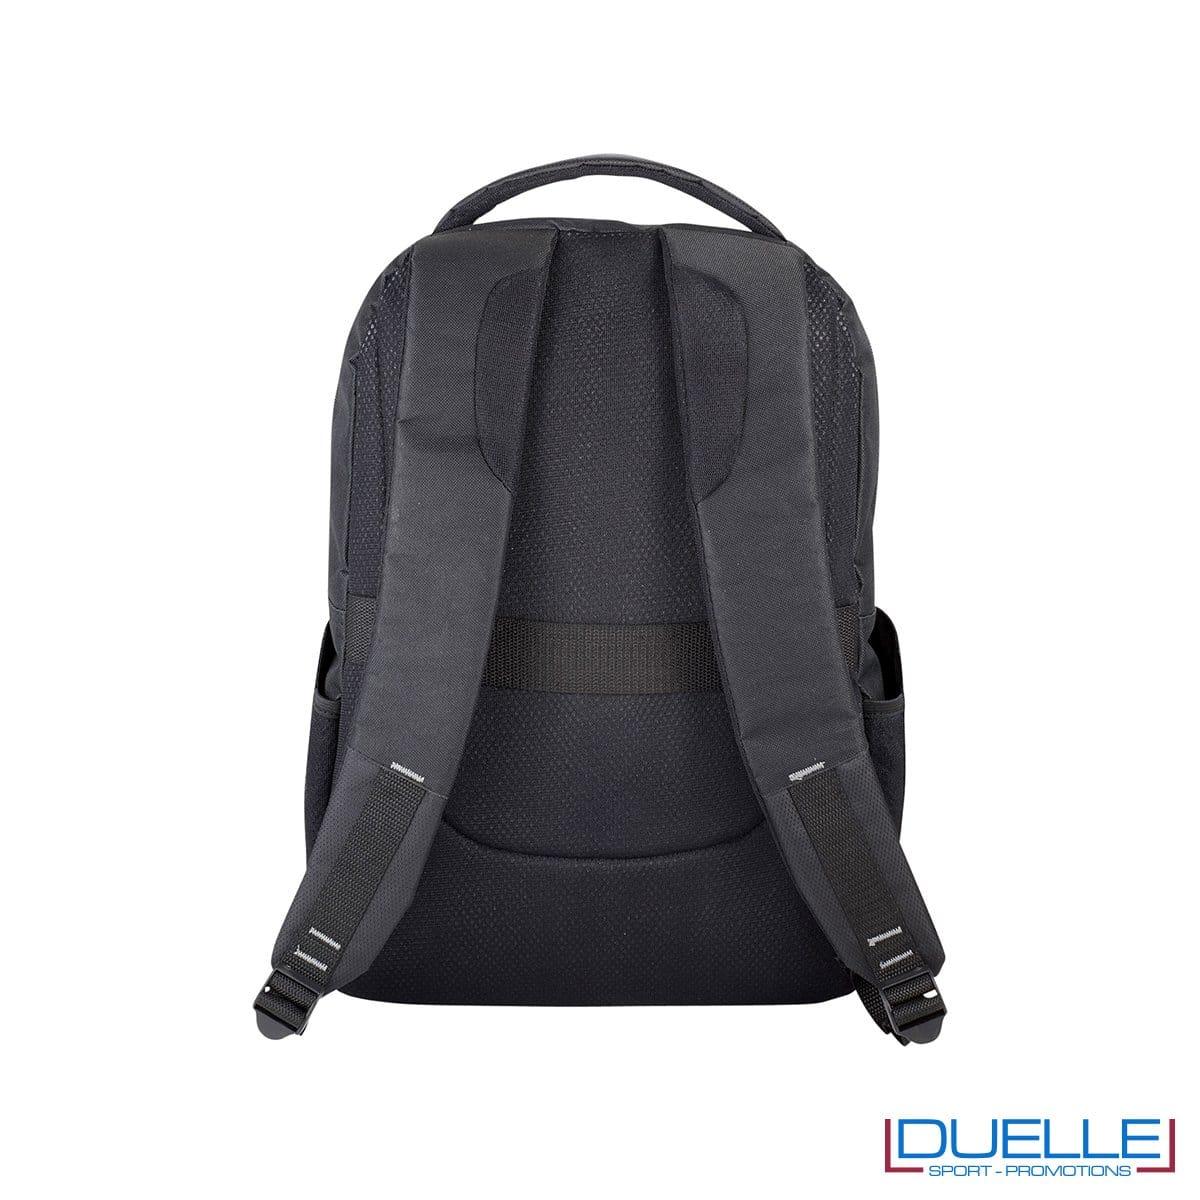 Zaino porta laptop con schienale imbottito e spallacci imbottiti regolabili